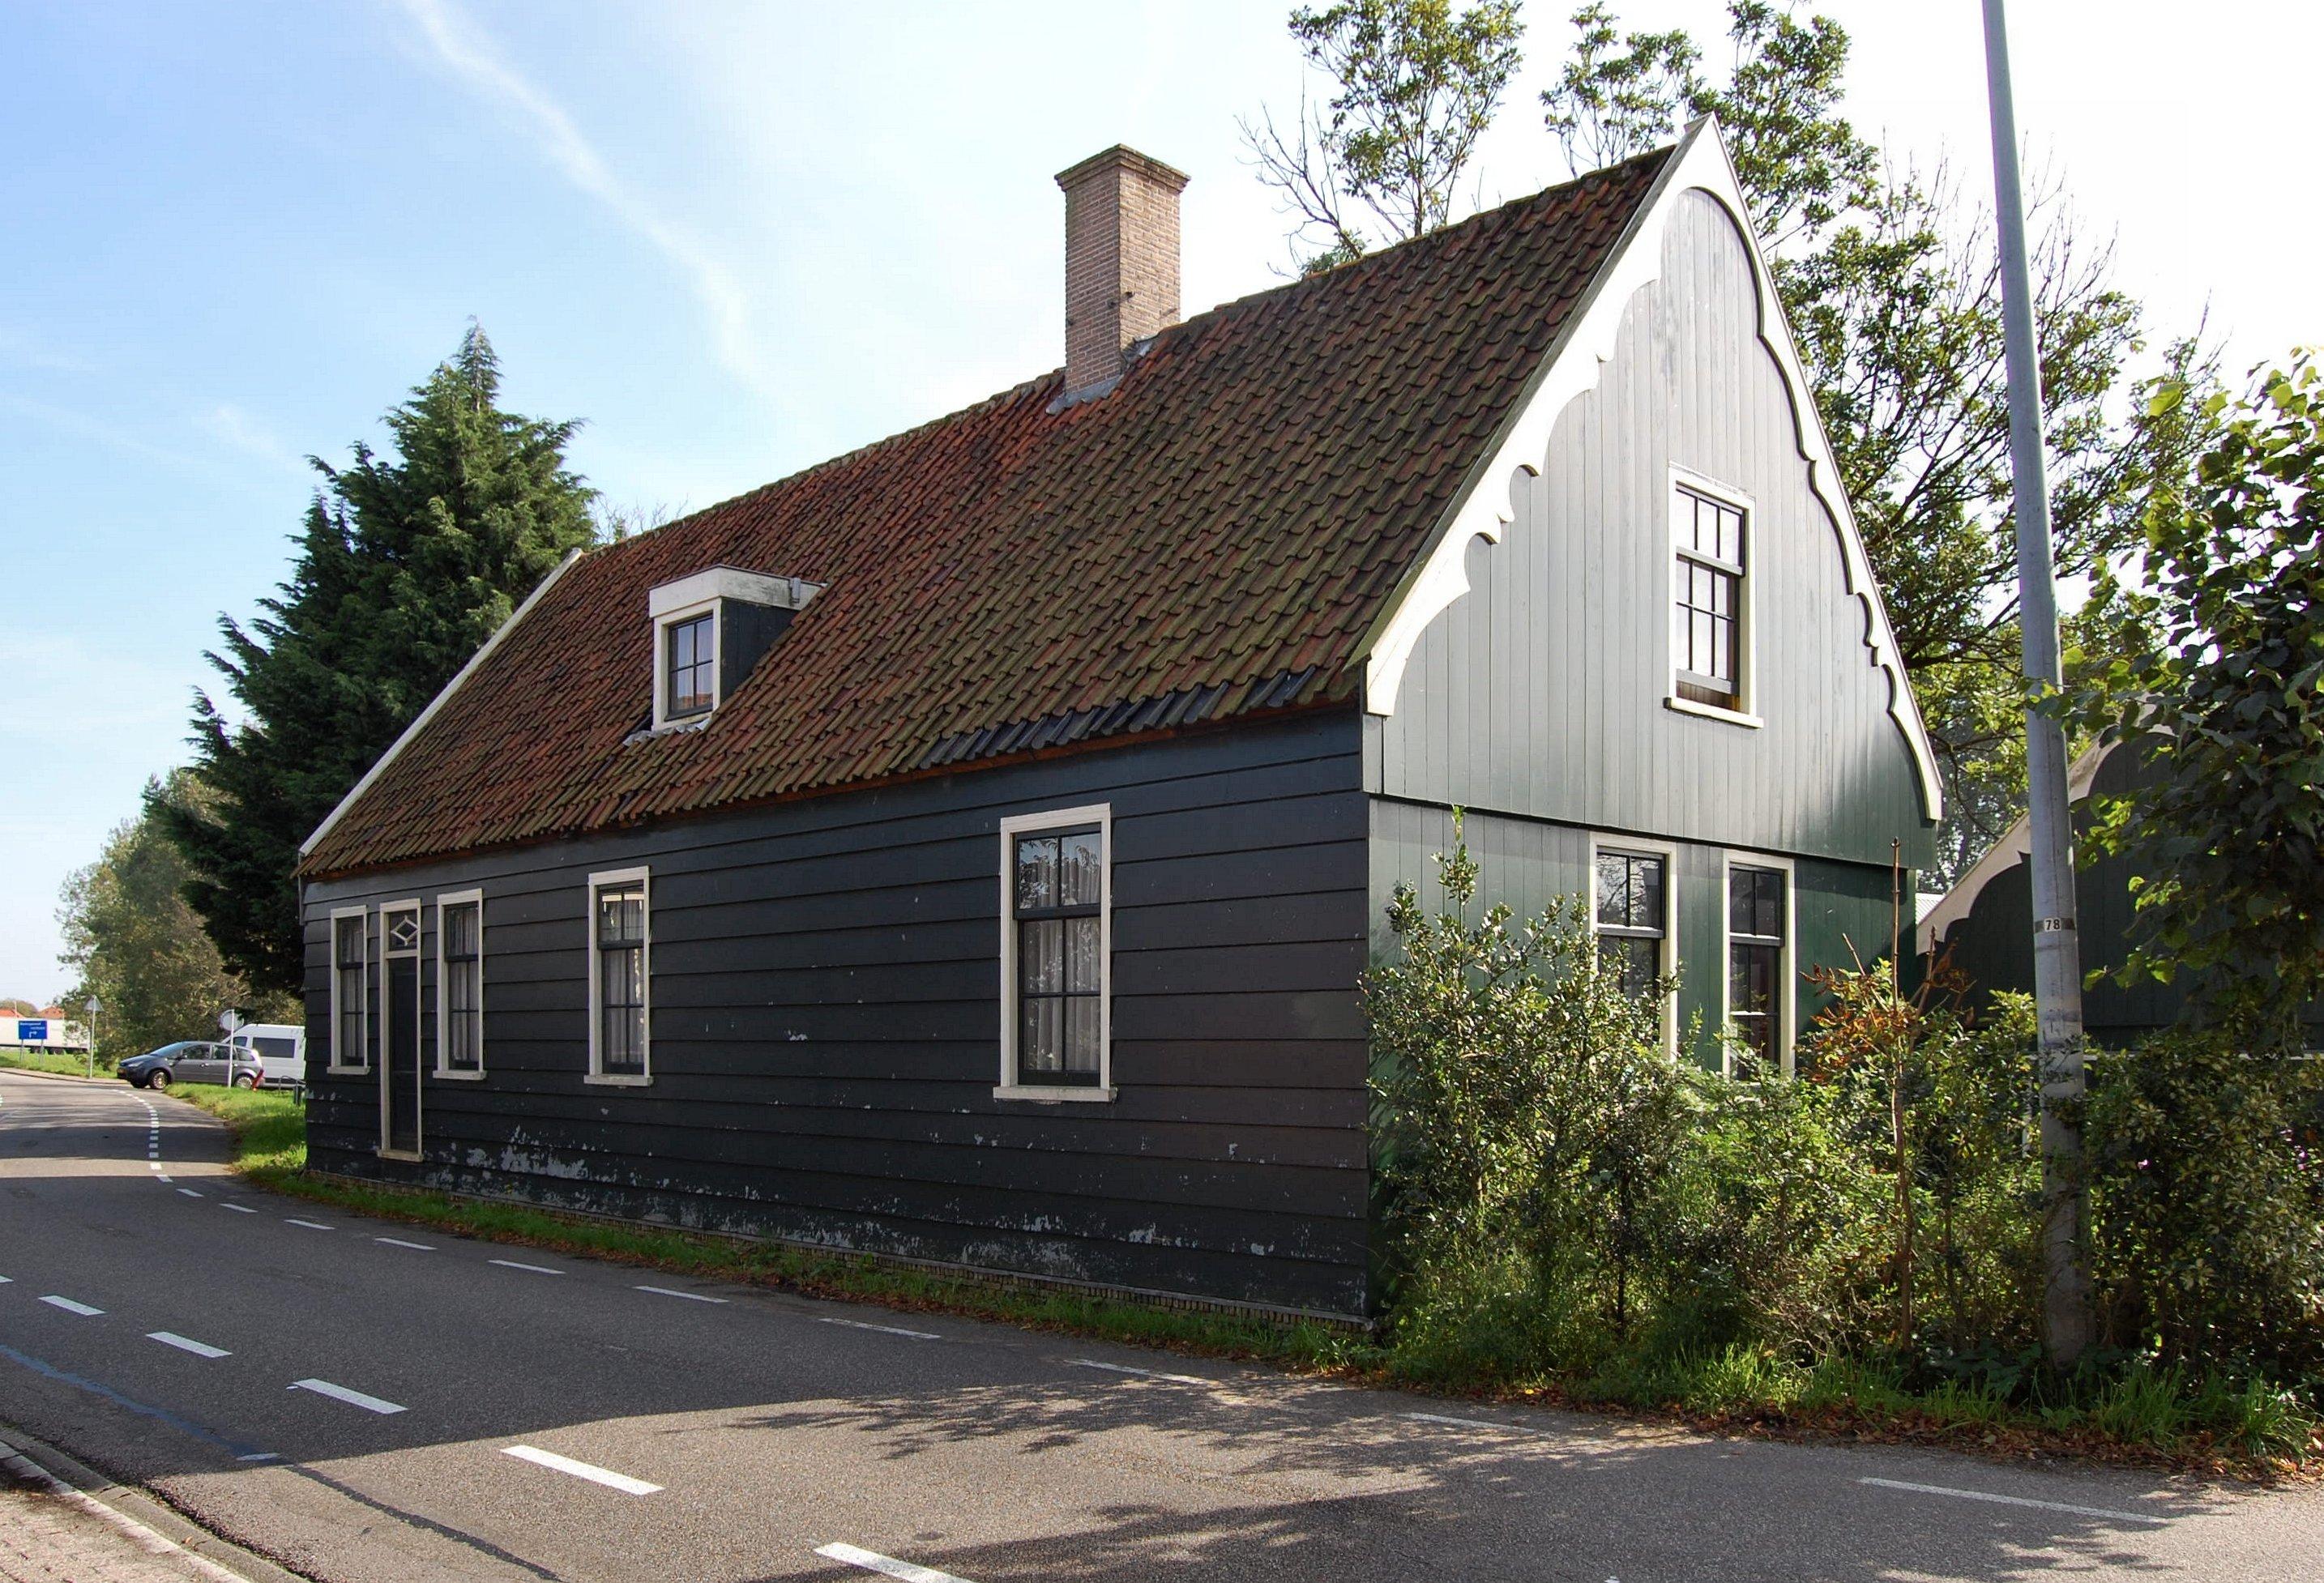 Houten huis onder pannen zadeldak met topmakelaar op de rechter zijgevel in zaandam monument - Houten huis ...